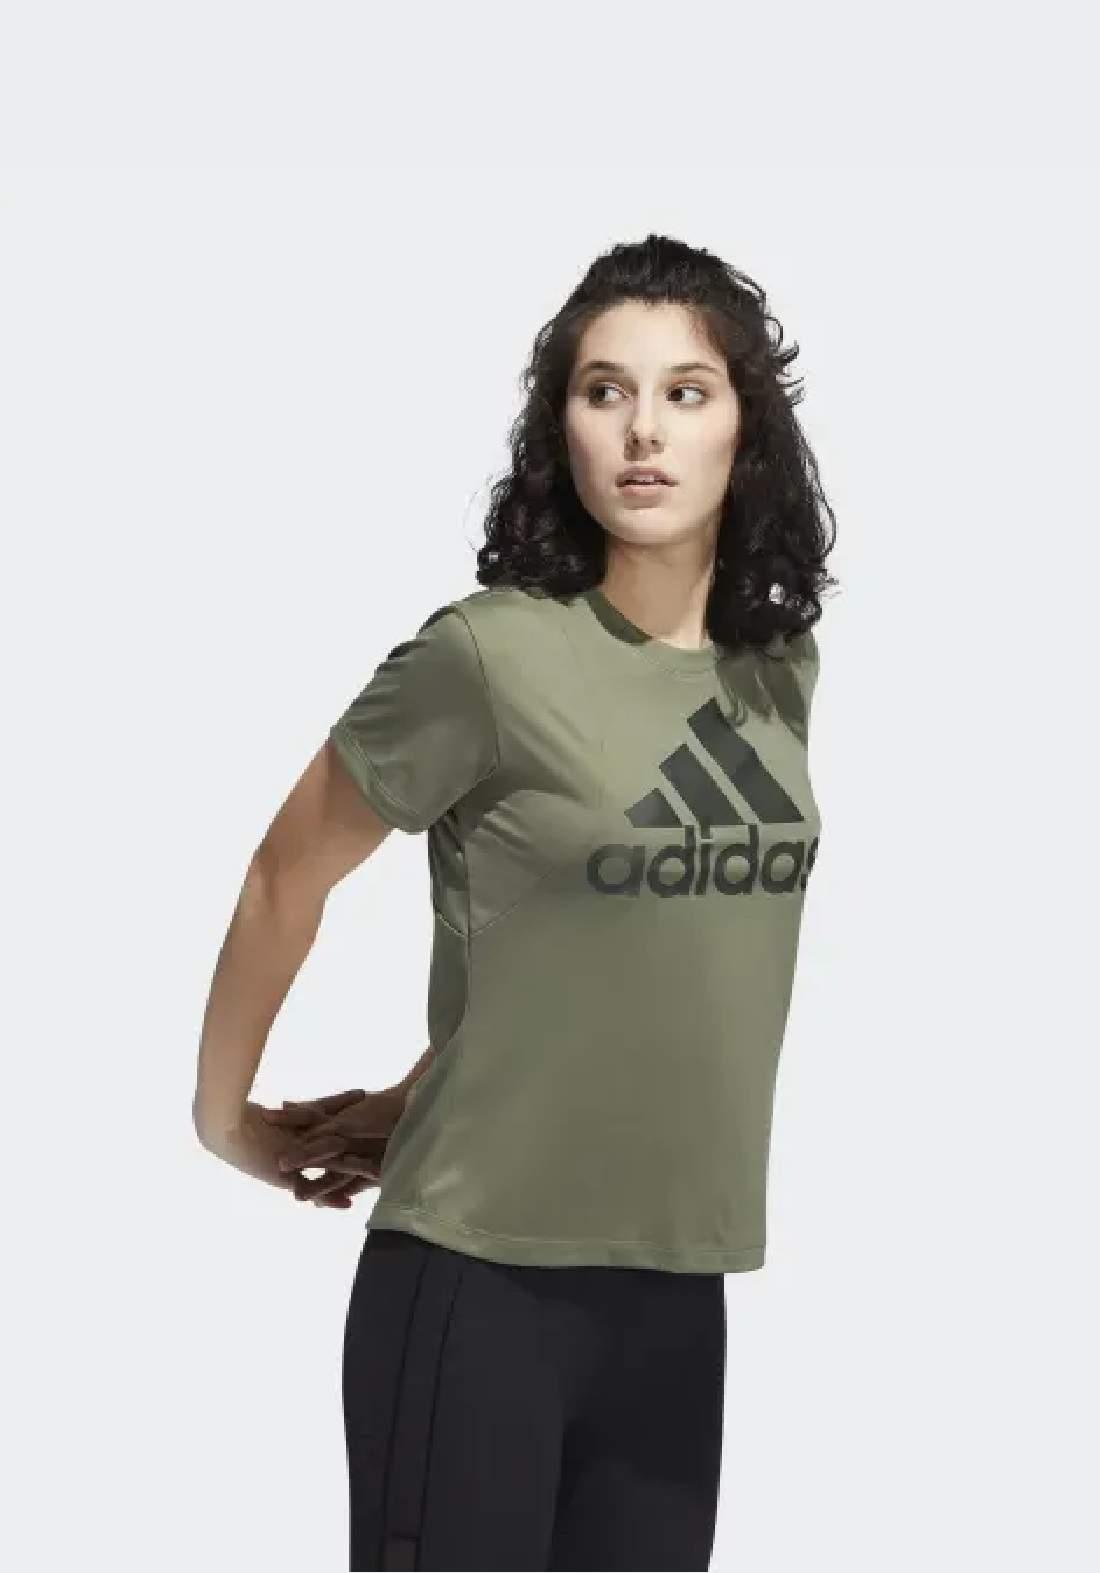 Adidas تيشيرت نسائي زيتوني اللون من